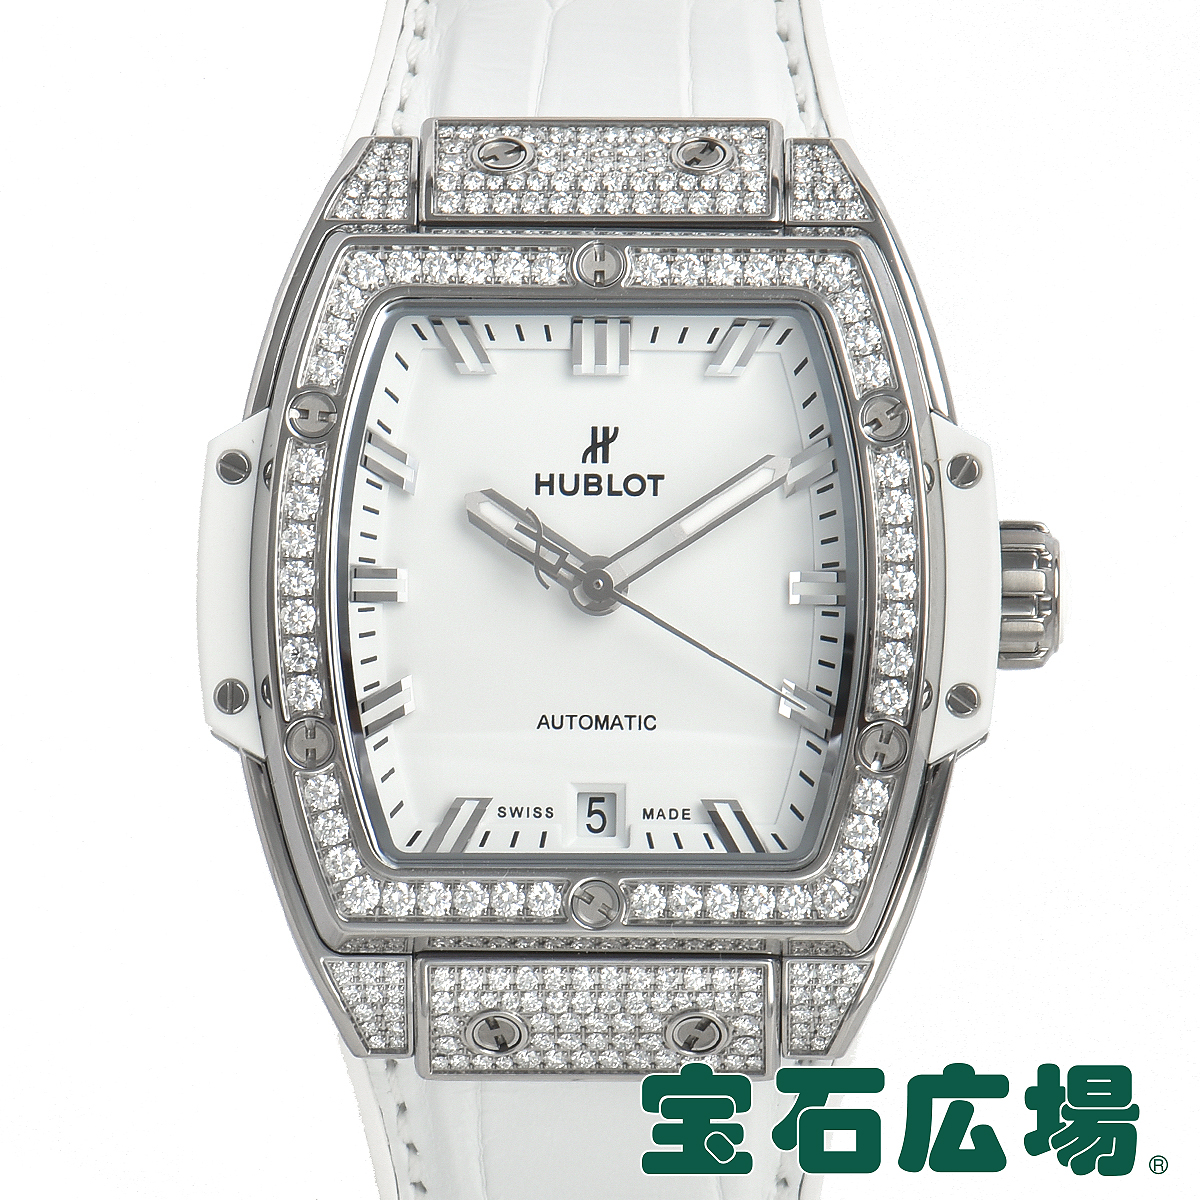 ウブロ HUBLOT スピリット オブ ビッグバン チタニウムダイヤモンド 665.NE.2010.LR.1604【新品】ユニセックス 腕時計 送料無料